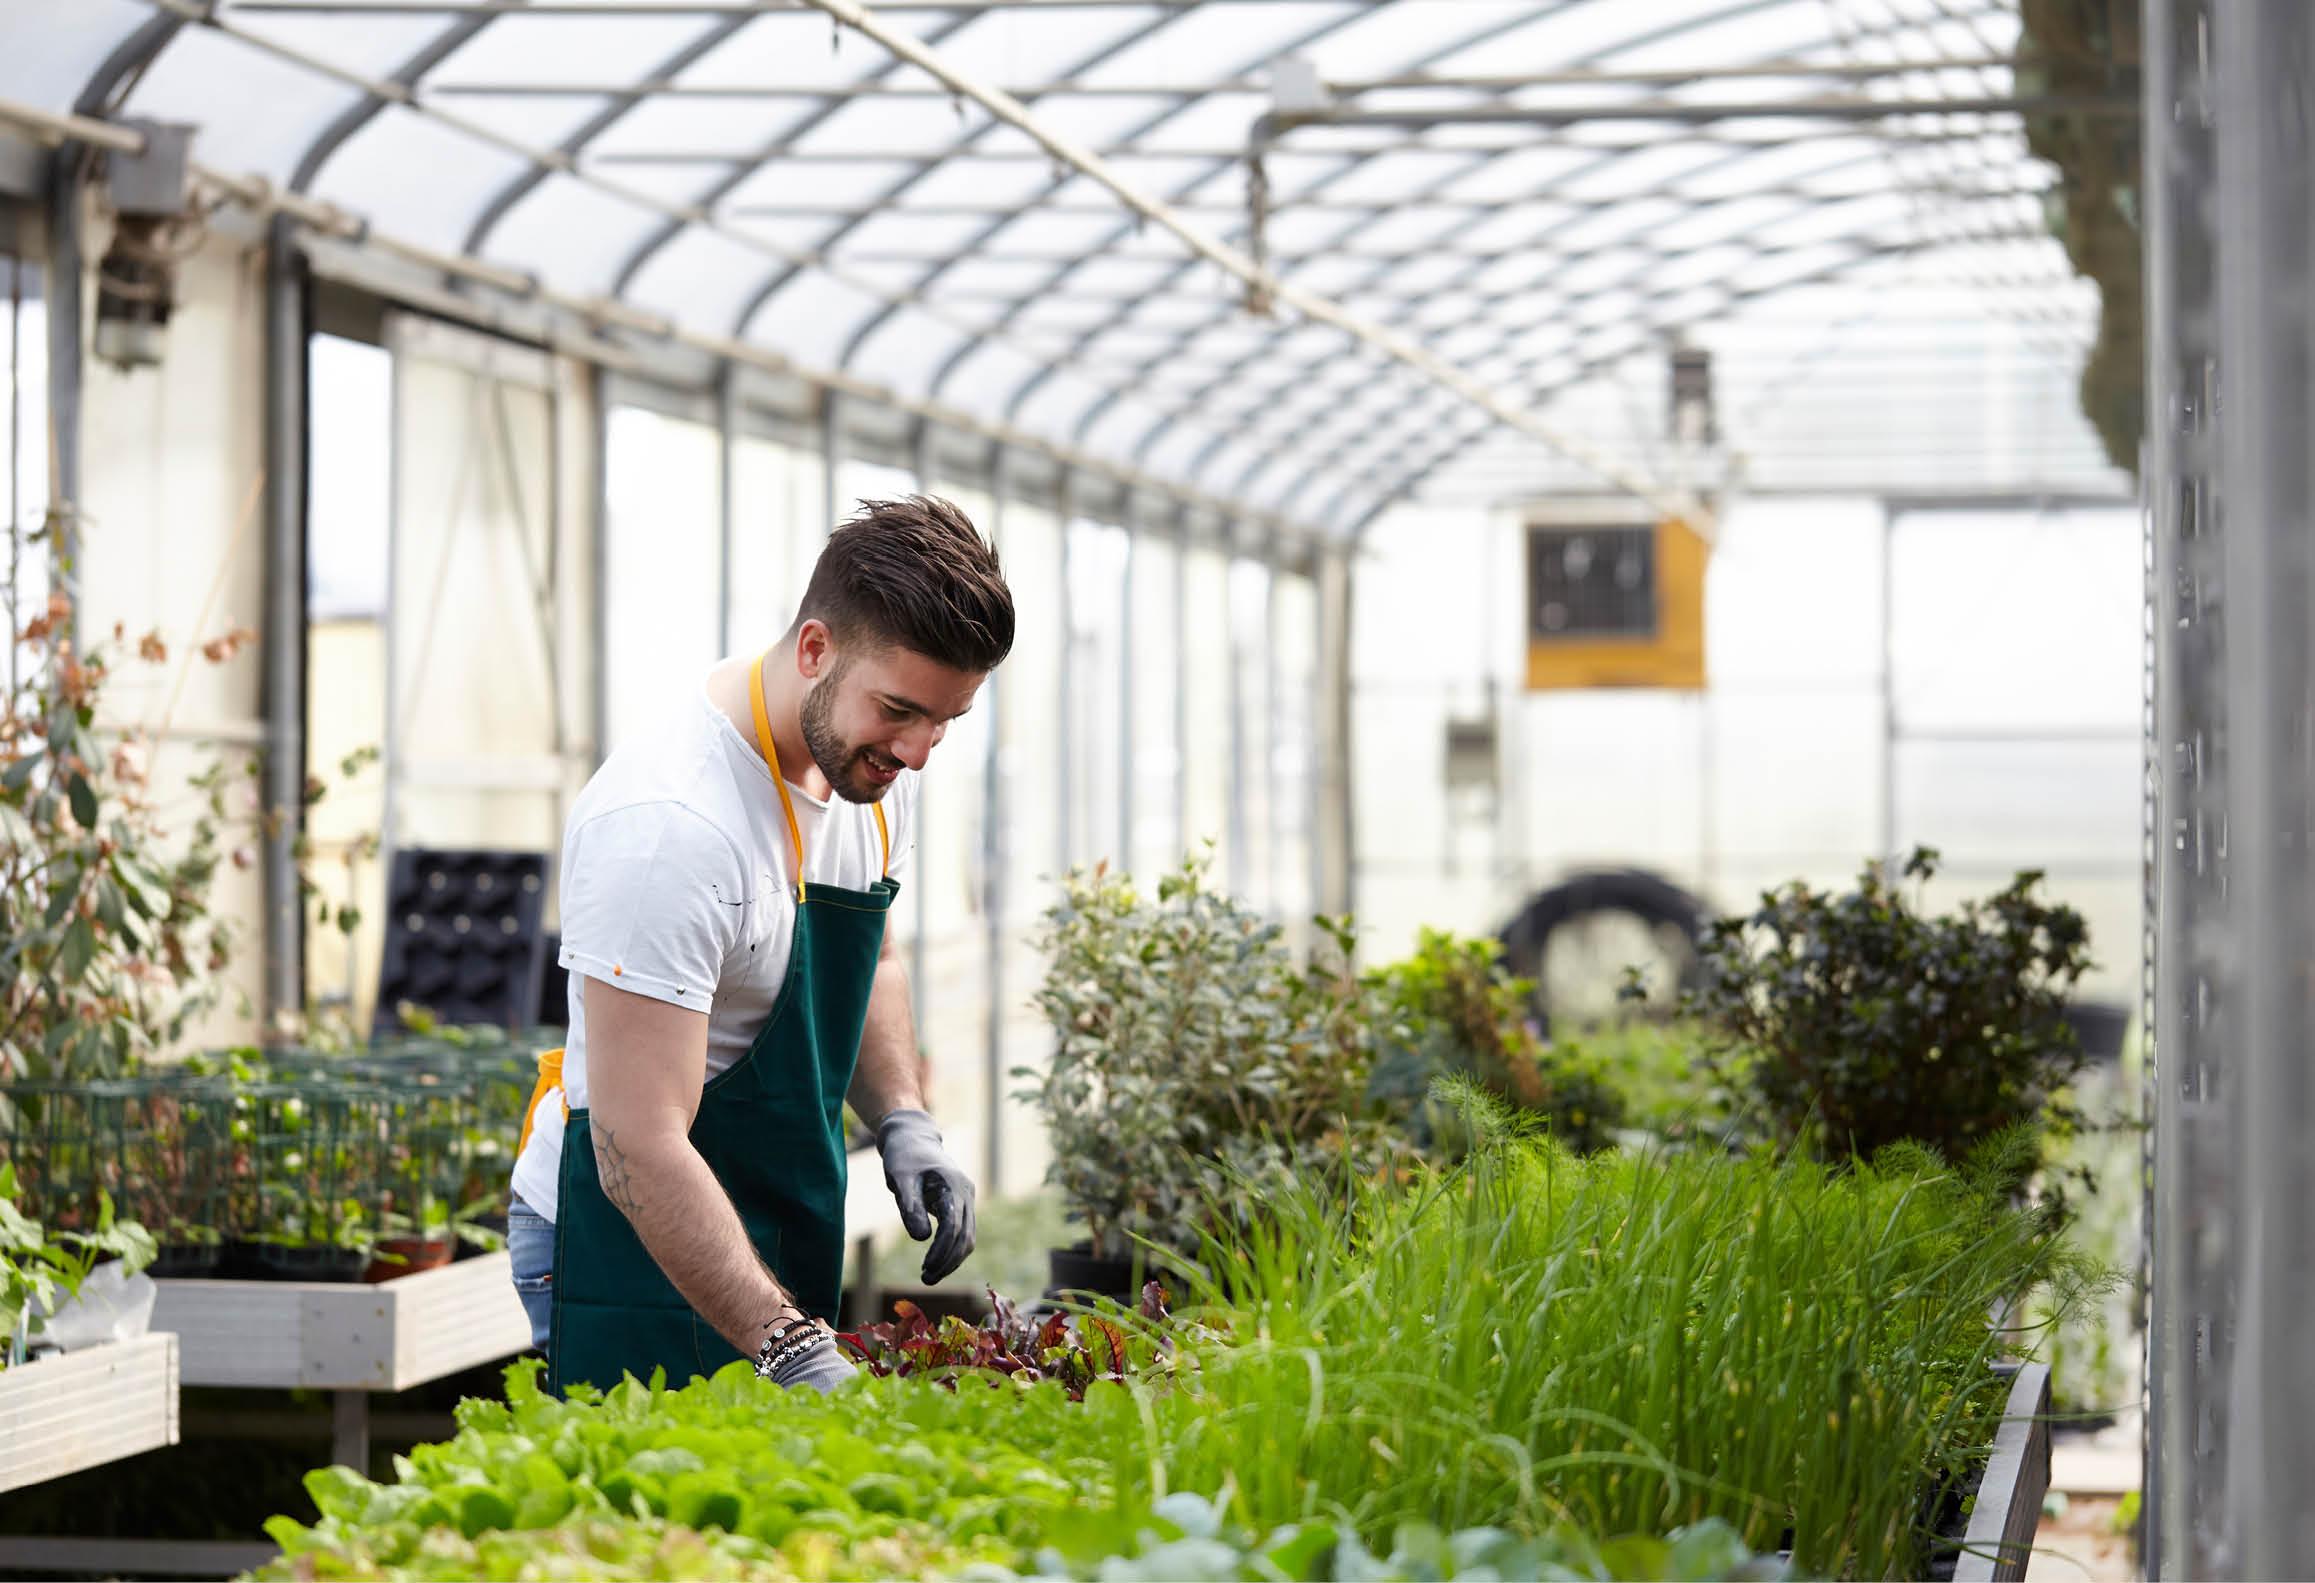 Växthusodlare som sköter grönsaksodling